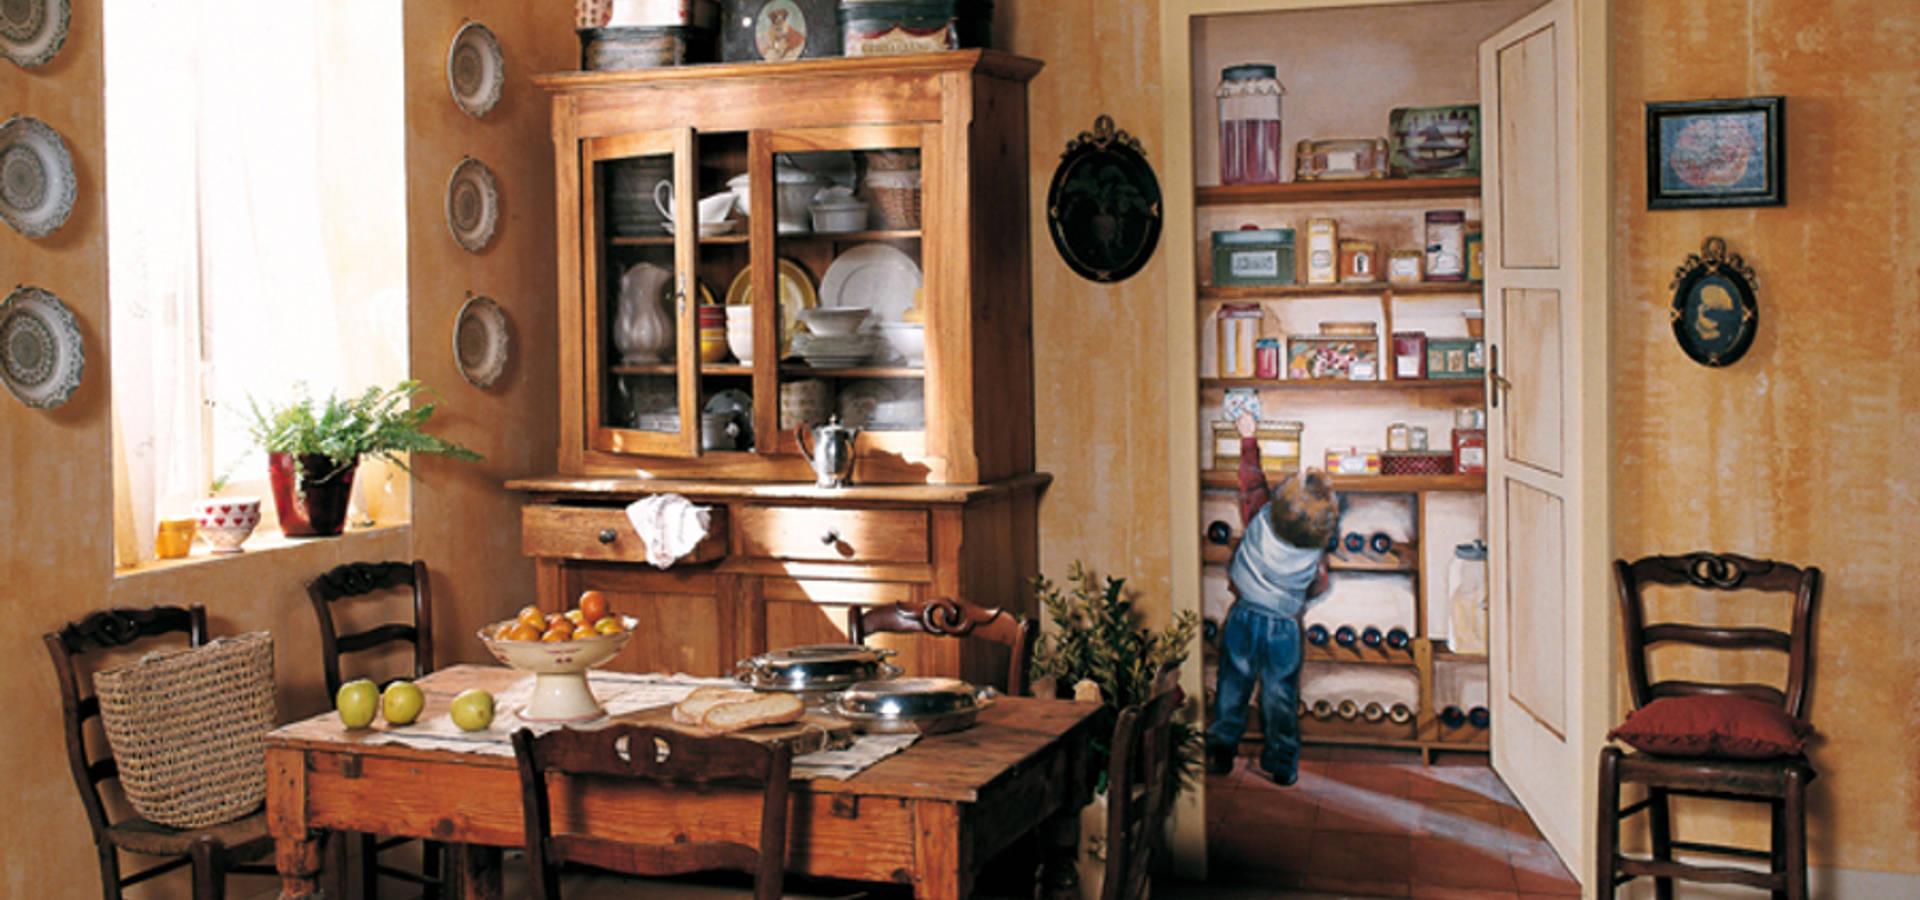 Interno78 it decorazioni d 39 interni decoradores em - Decorazioni d interni ...